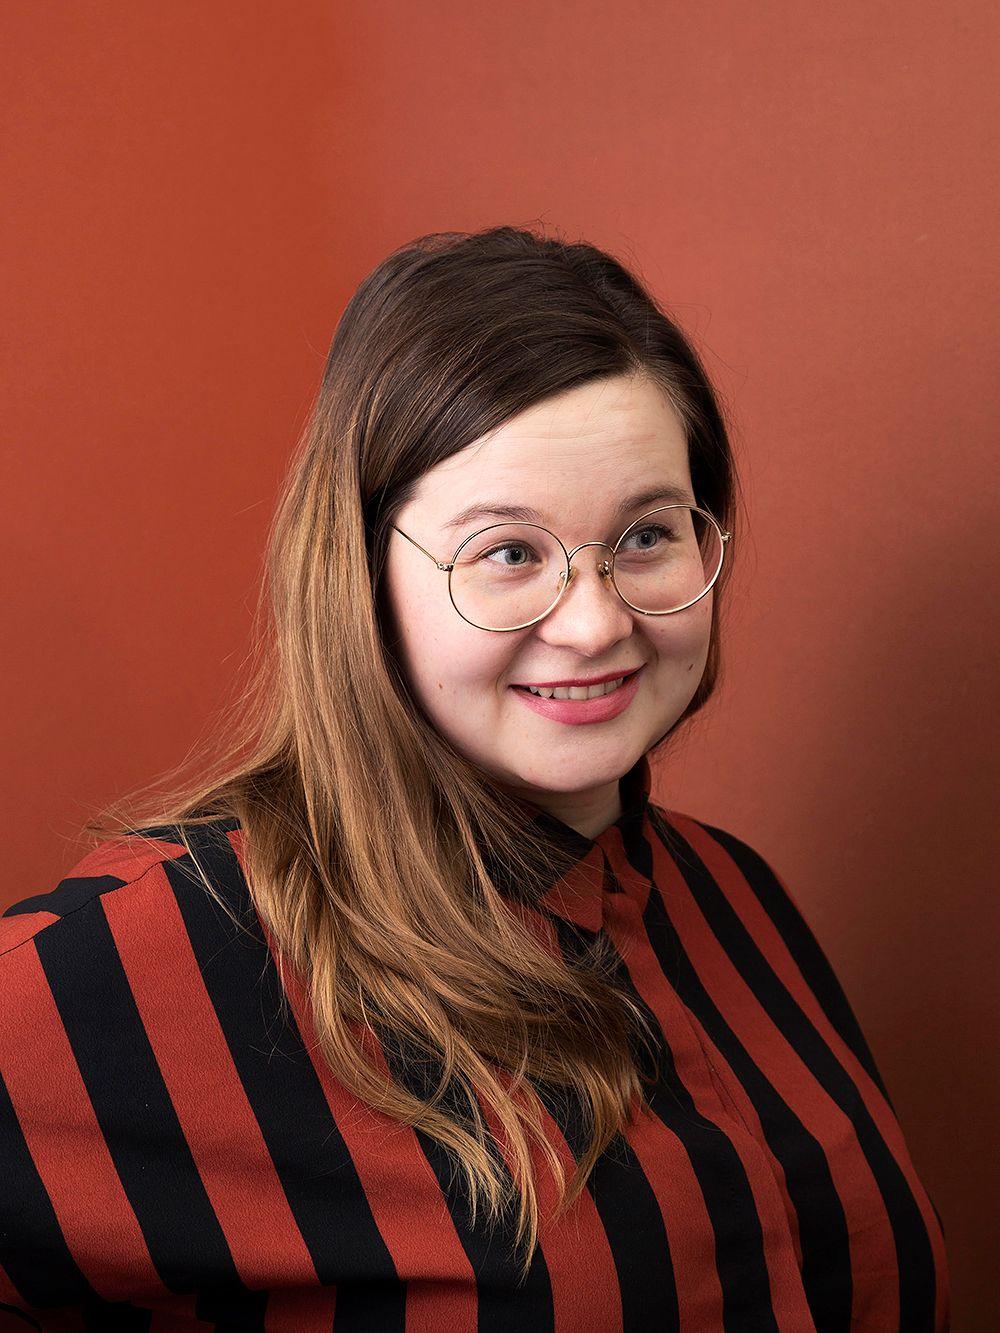 FDS Award success stories: Hanna Anonen